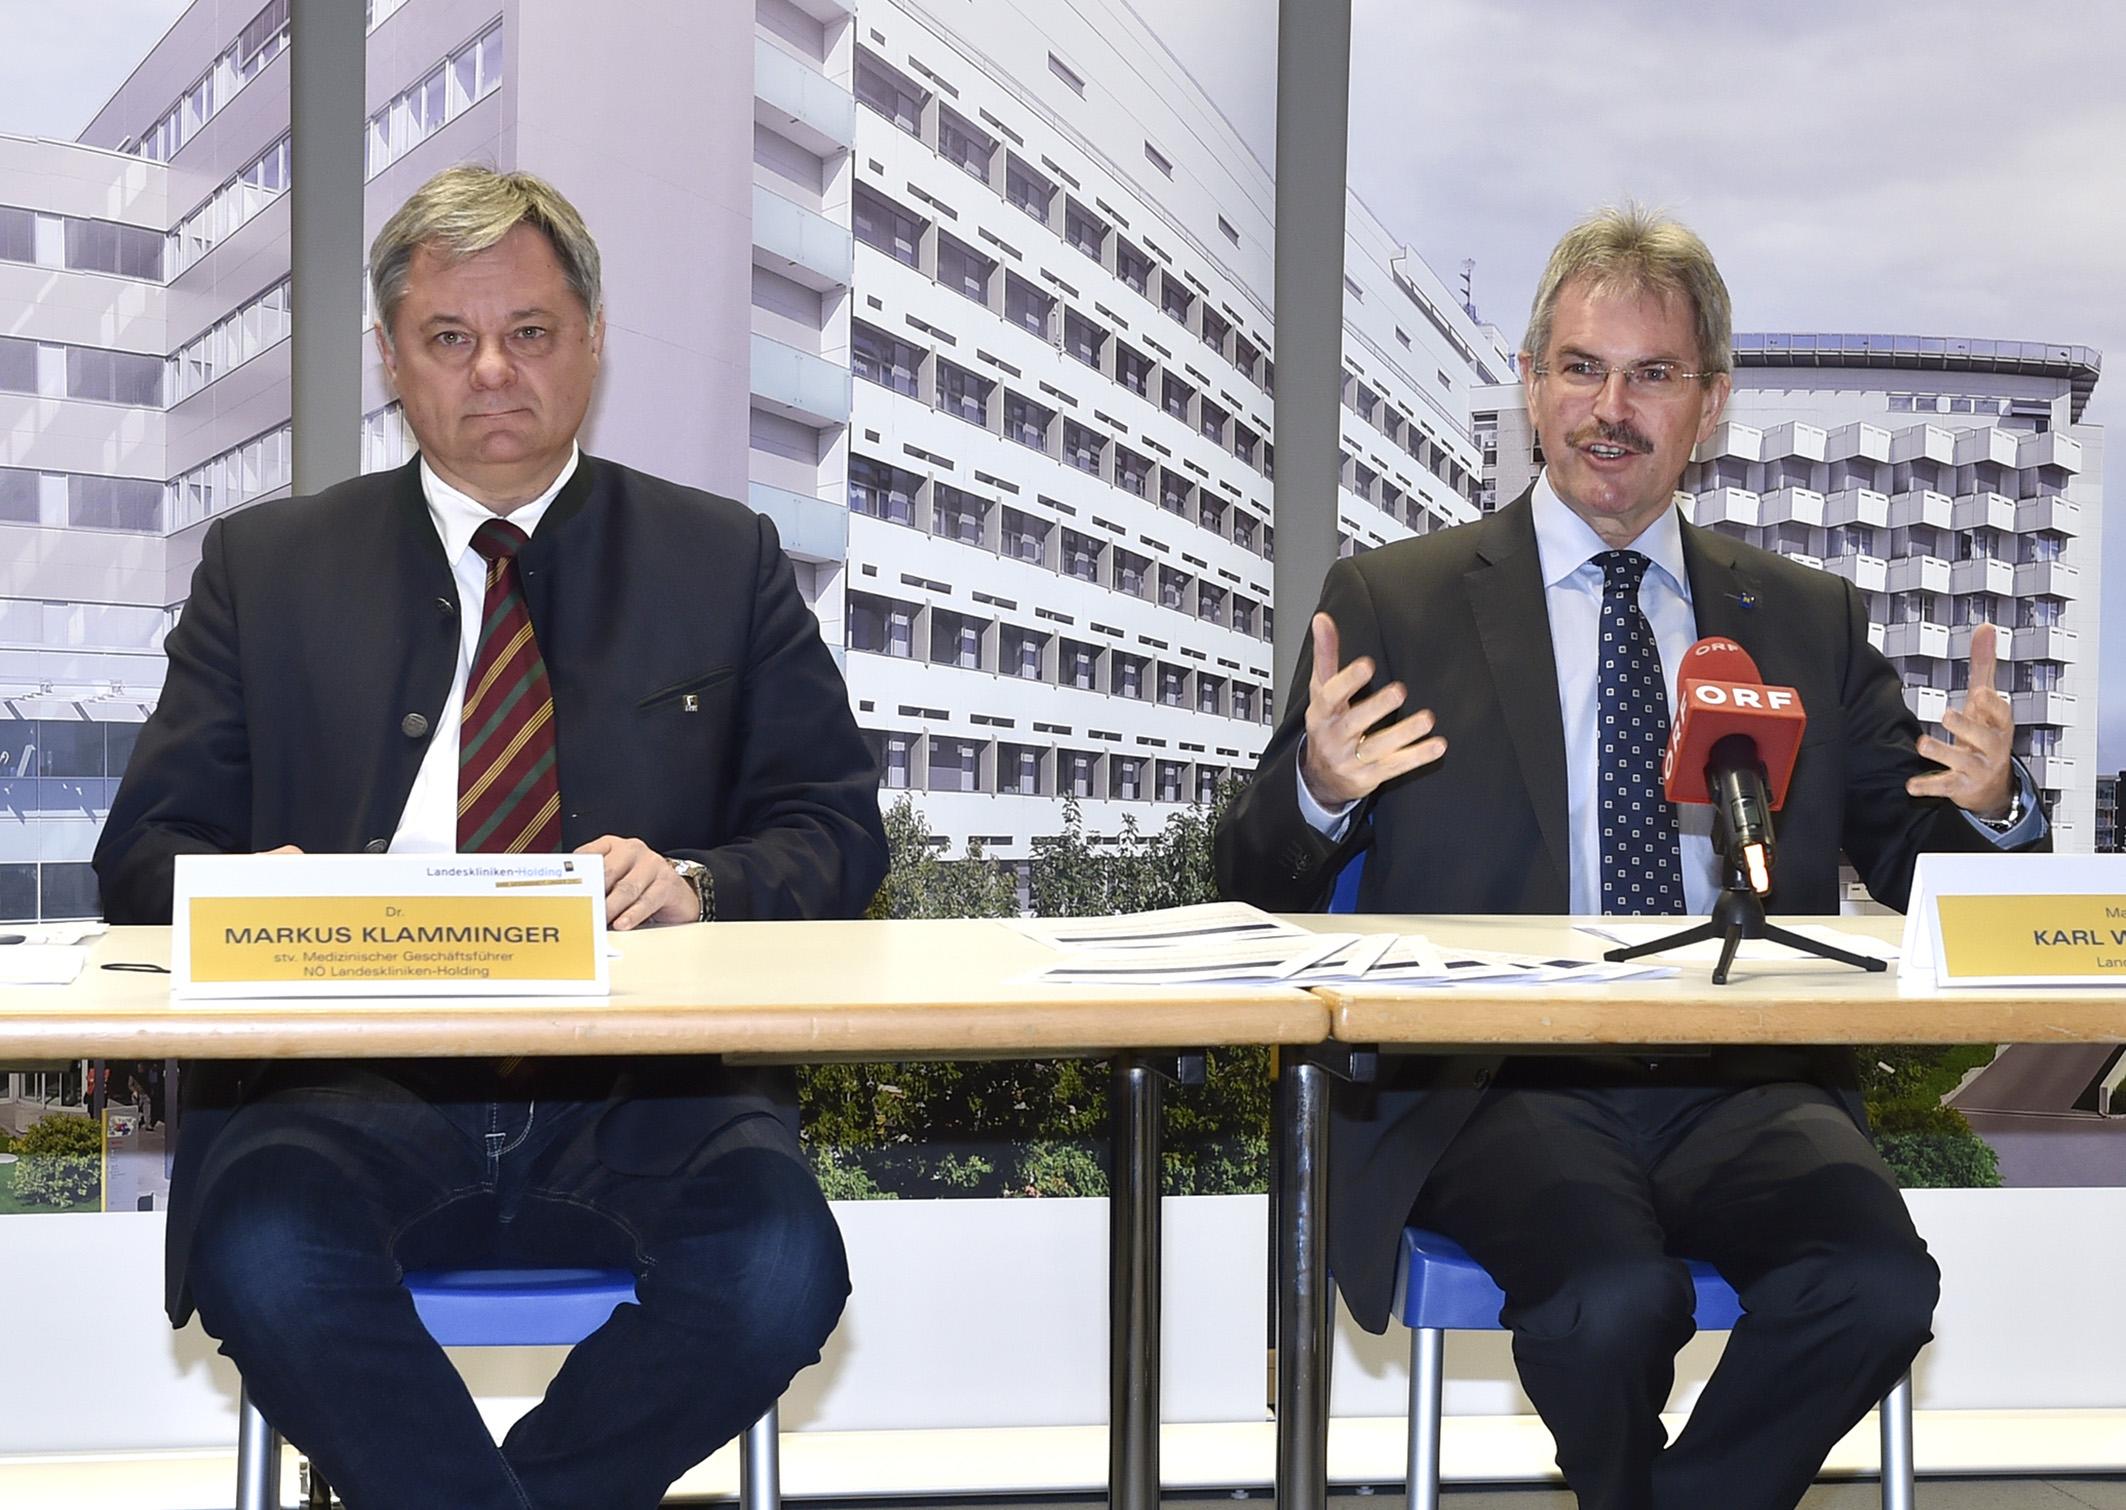 Stv. Medizinischer Geschäftsführer Markus Klamminger und Landesrat Karl Wilfing präsentierten das Ergebnis der Patientenbefragung im Rahmen einer Pressekonferenz. Foto: NLK Reinberger